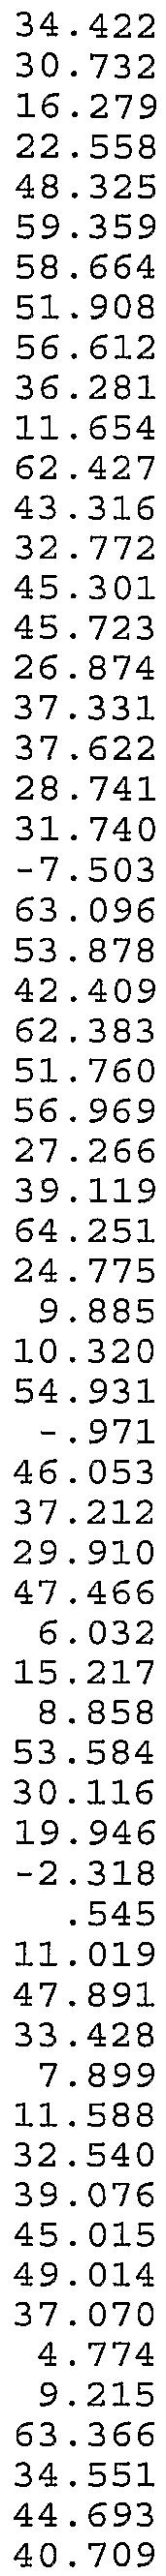 Figure imgf000138_0003